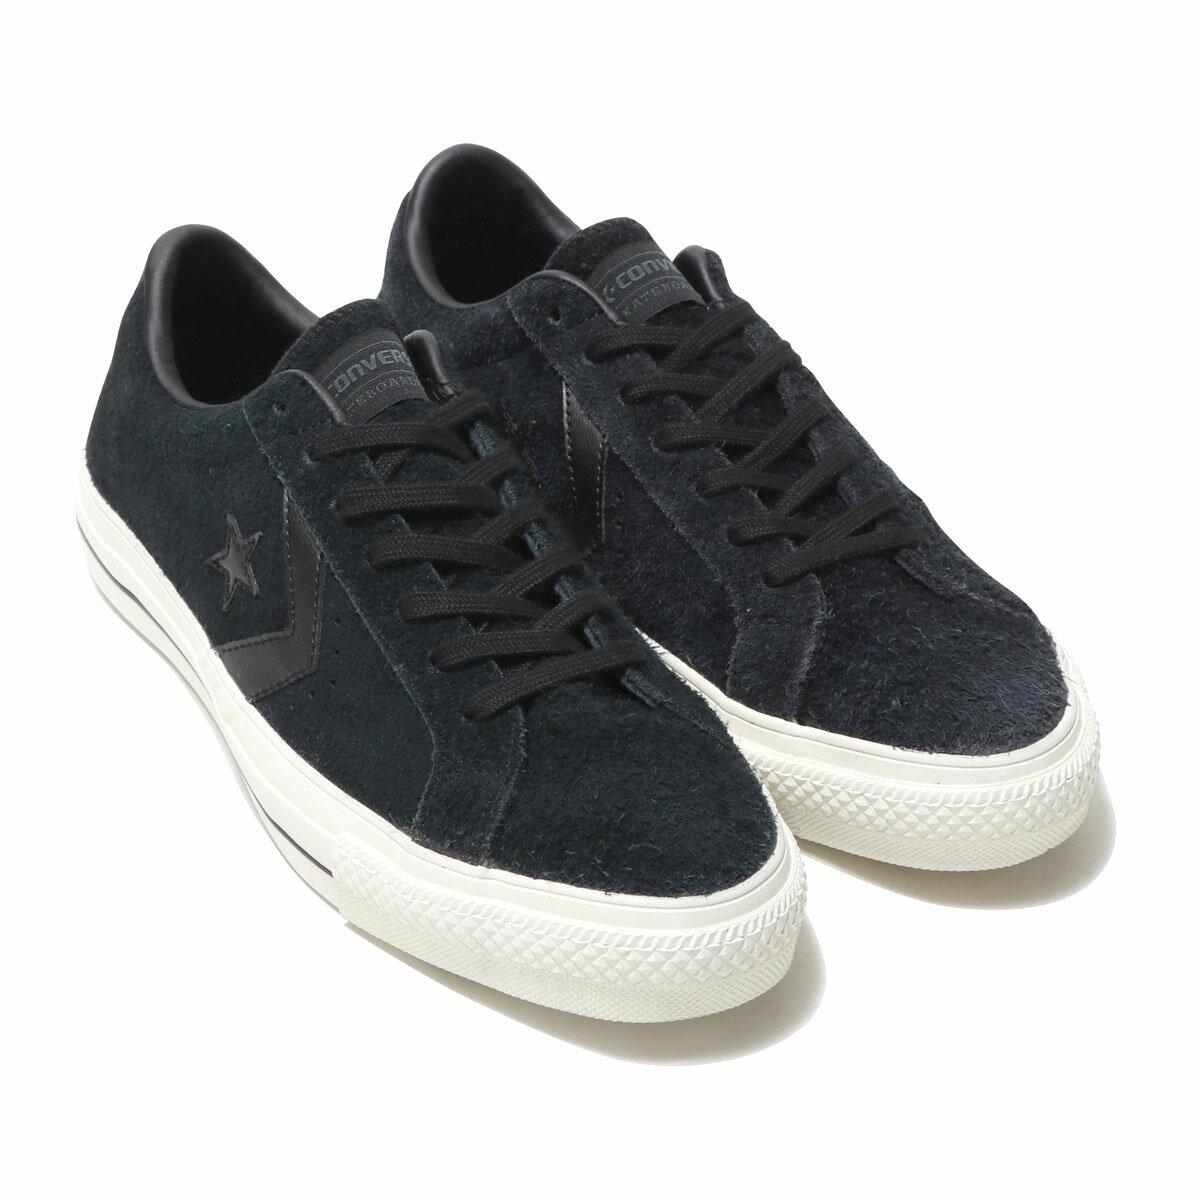 メンズ靴, スニーカー CONVERSE SKATEBORDING PRORIDE SK OX ( SK ) 19SS-I